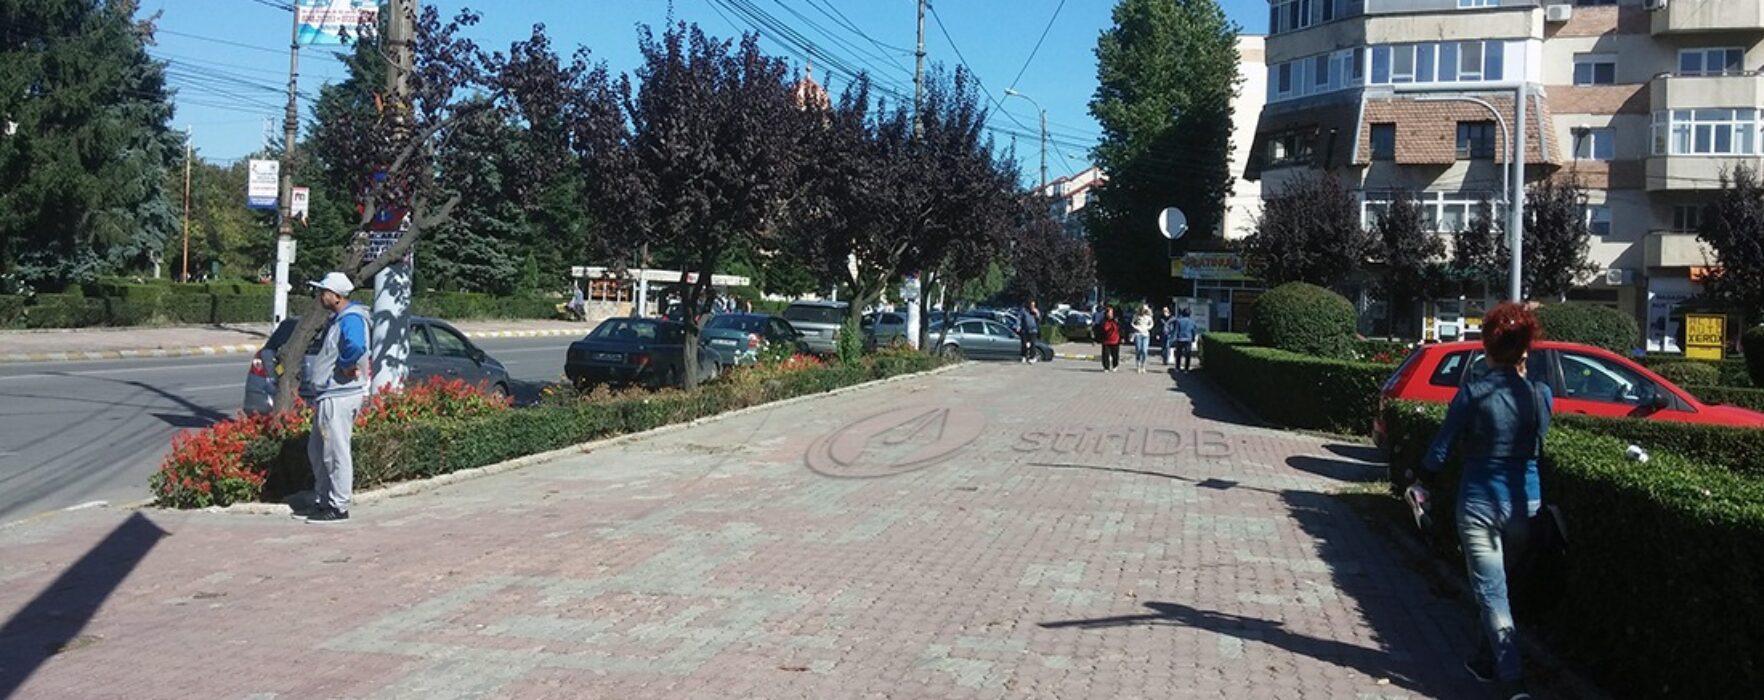 Târgovişte: Maşinile de vânzare de la intrarea pe Bulevardul Carol I, îndepărtate de pe trotuar